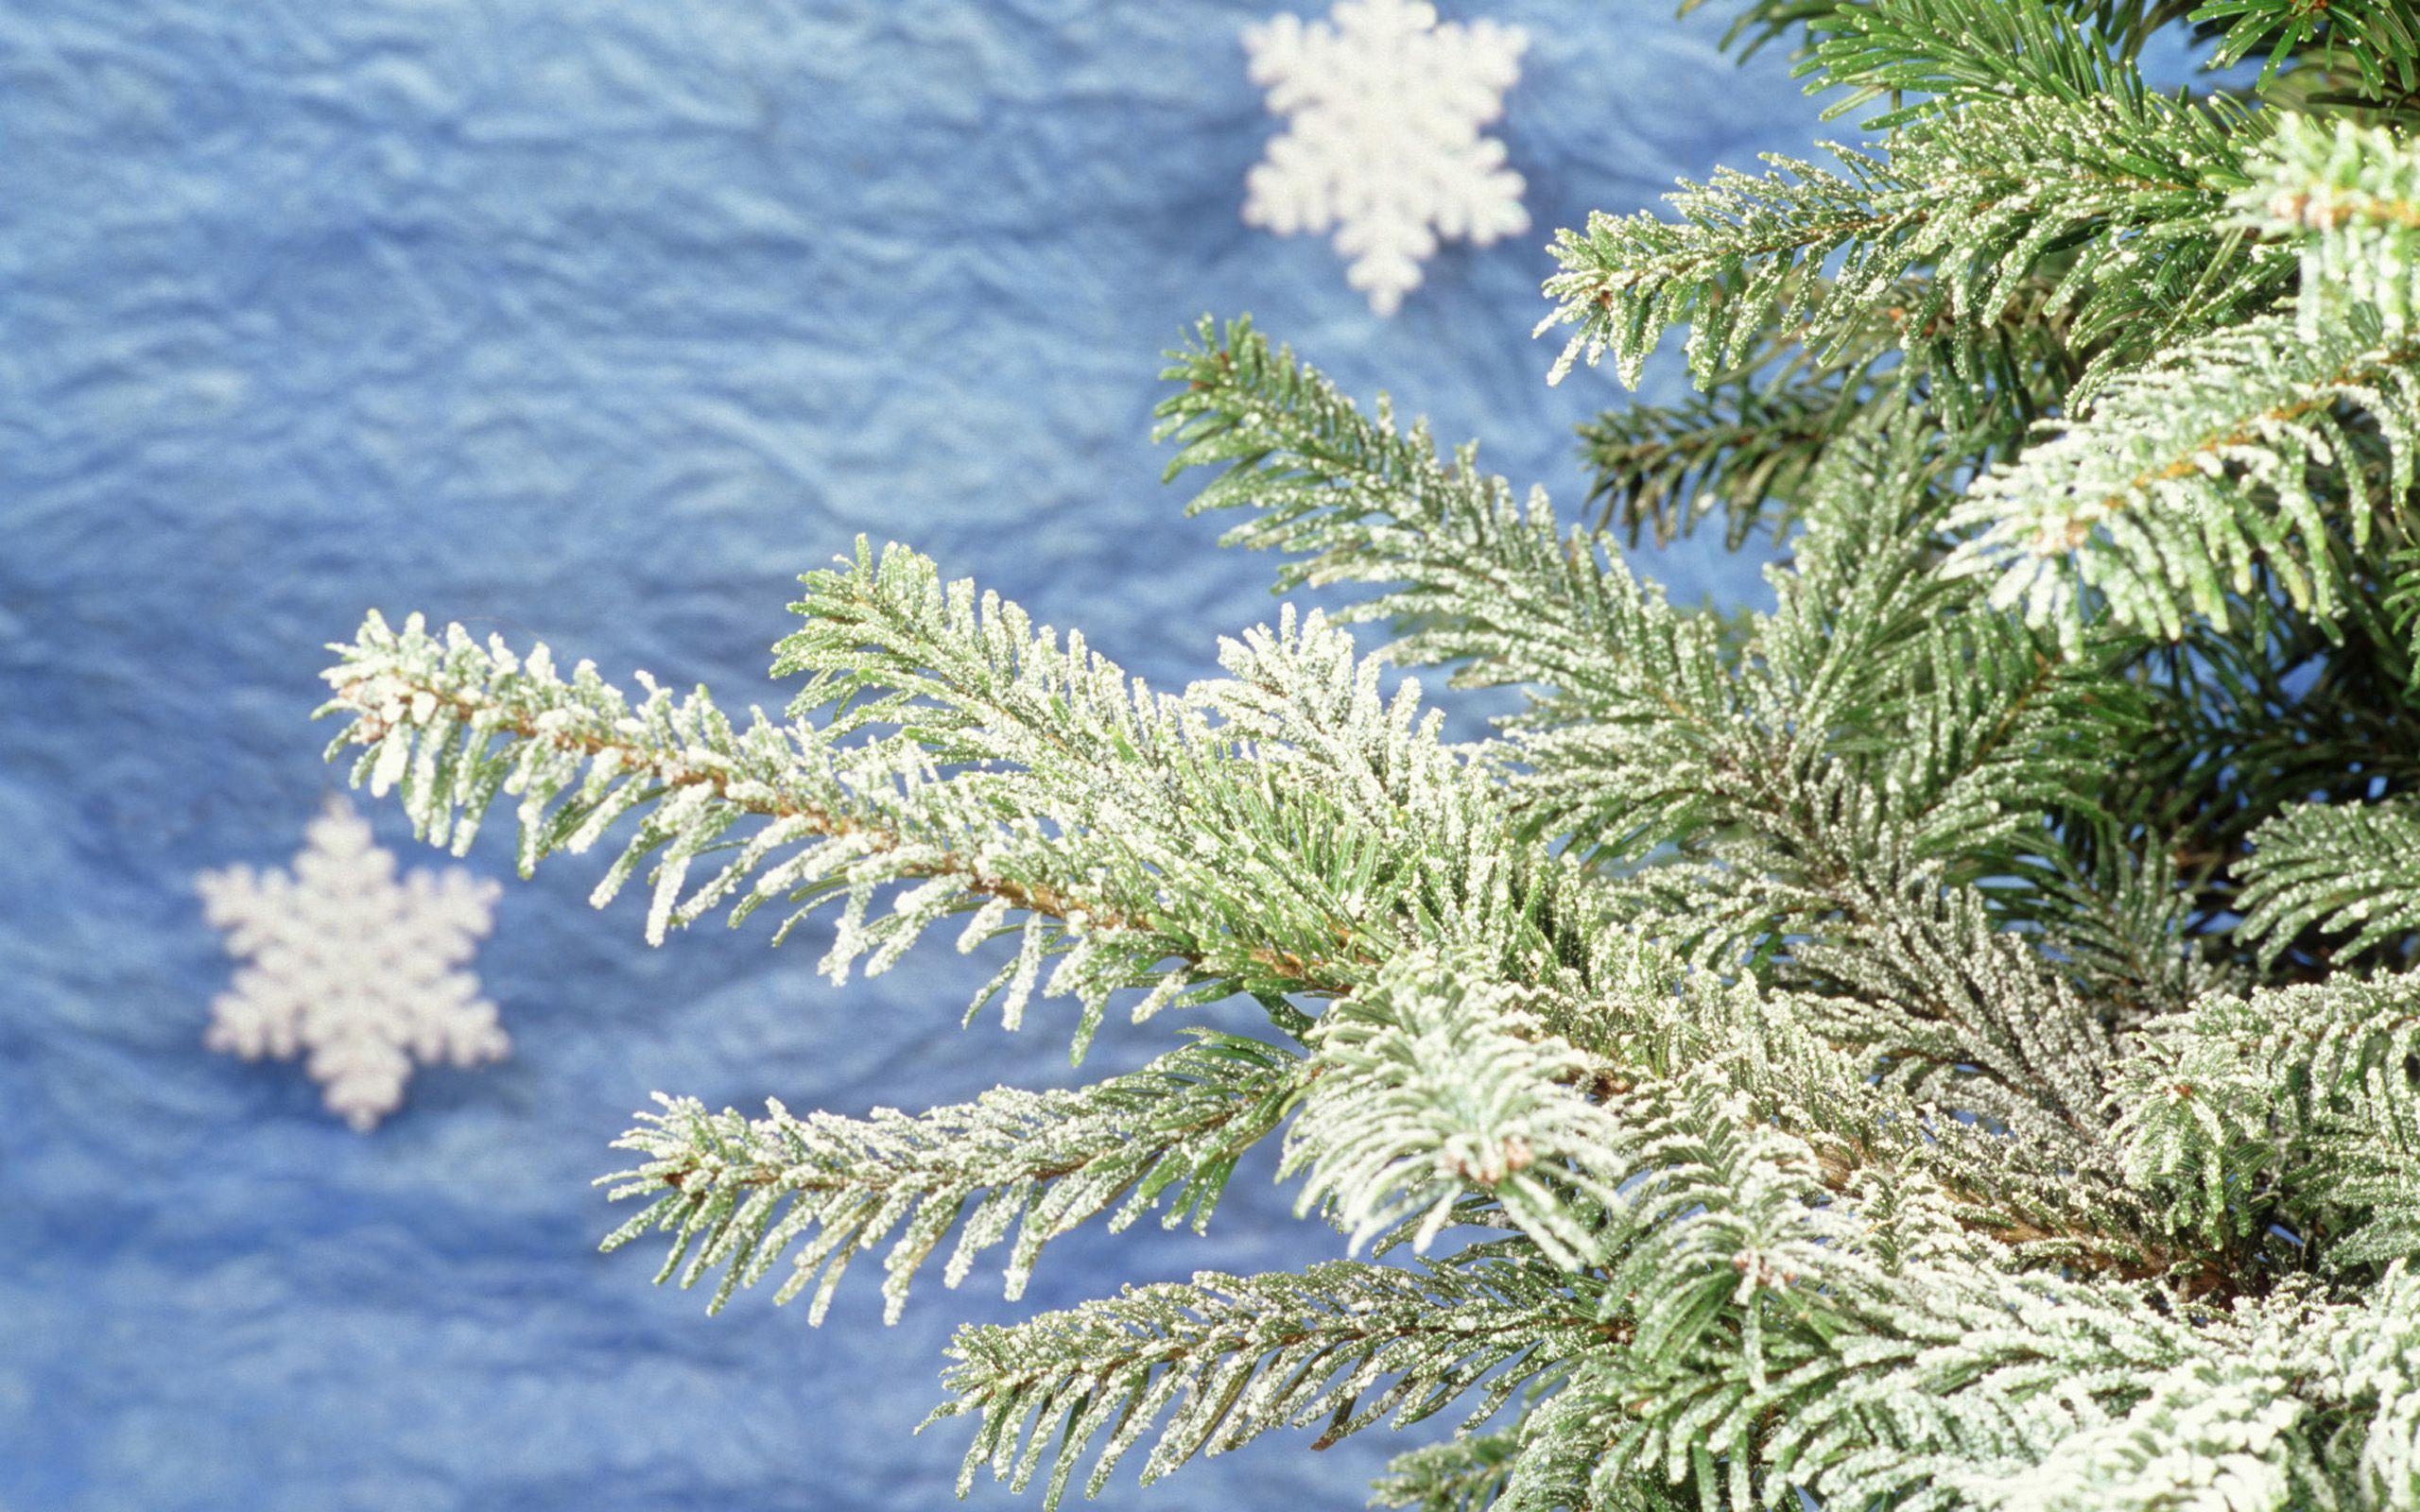 каталоге картинки на рабочий стол снег на елках купить